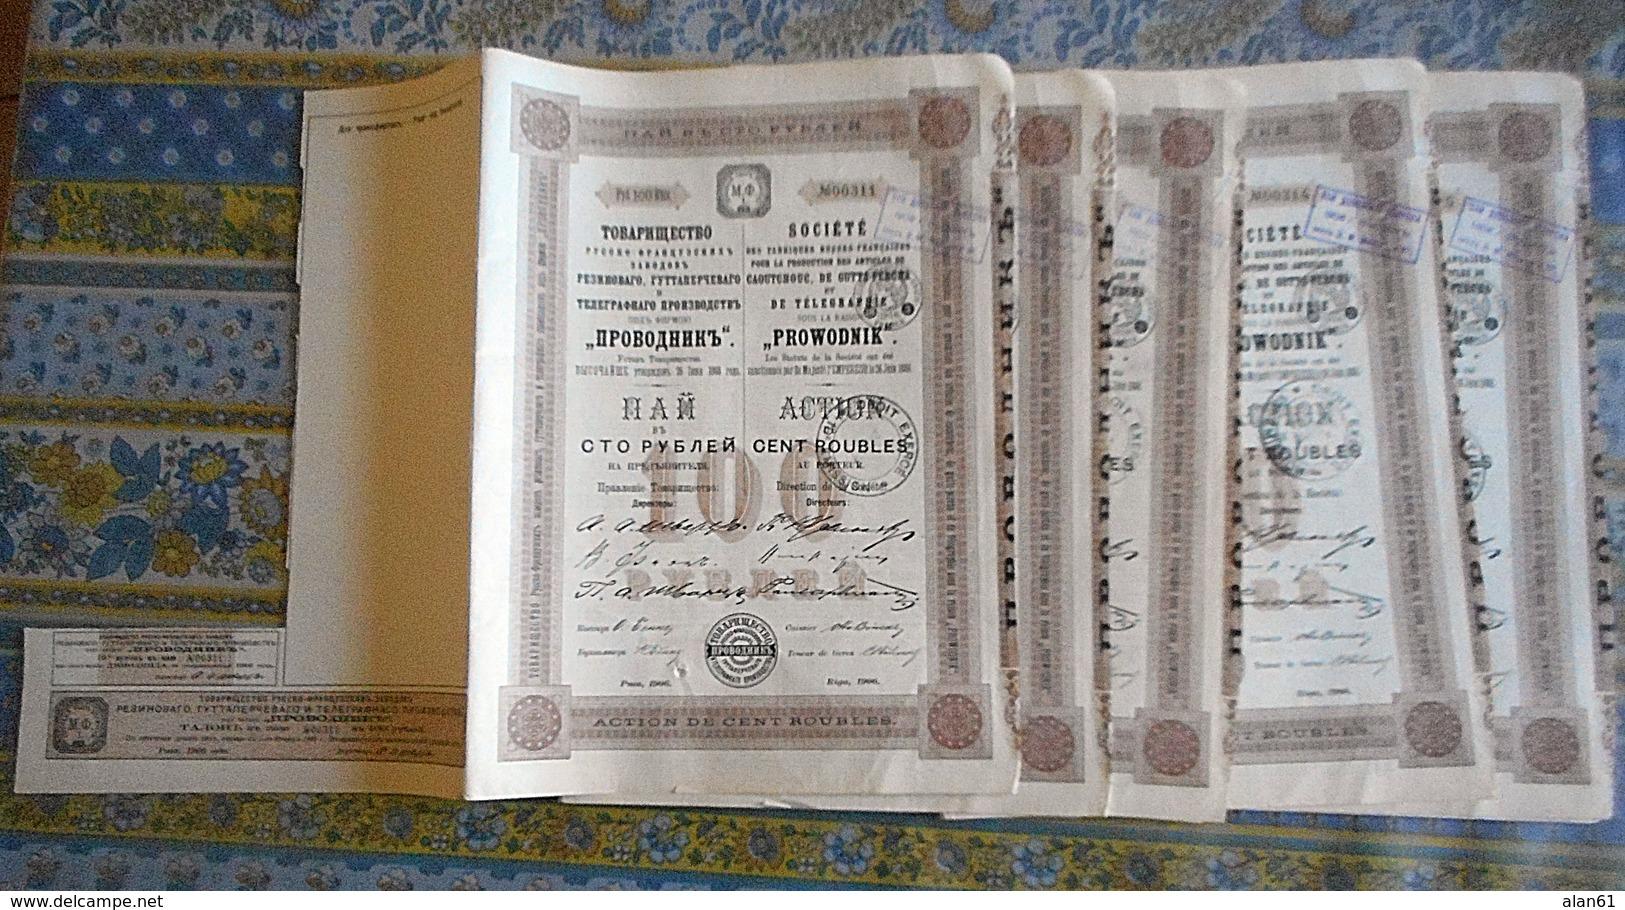 LOT DE 5 ACTION DE CENT ROUBLES Avec 1 Coupon RUSSIE 1906 PROWODNIK CAOUTCHOUC DE GUTTA PERCHA ET DE TELEGRAPHIE - Russland